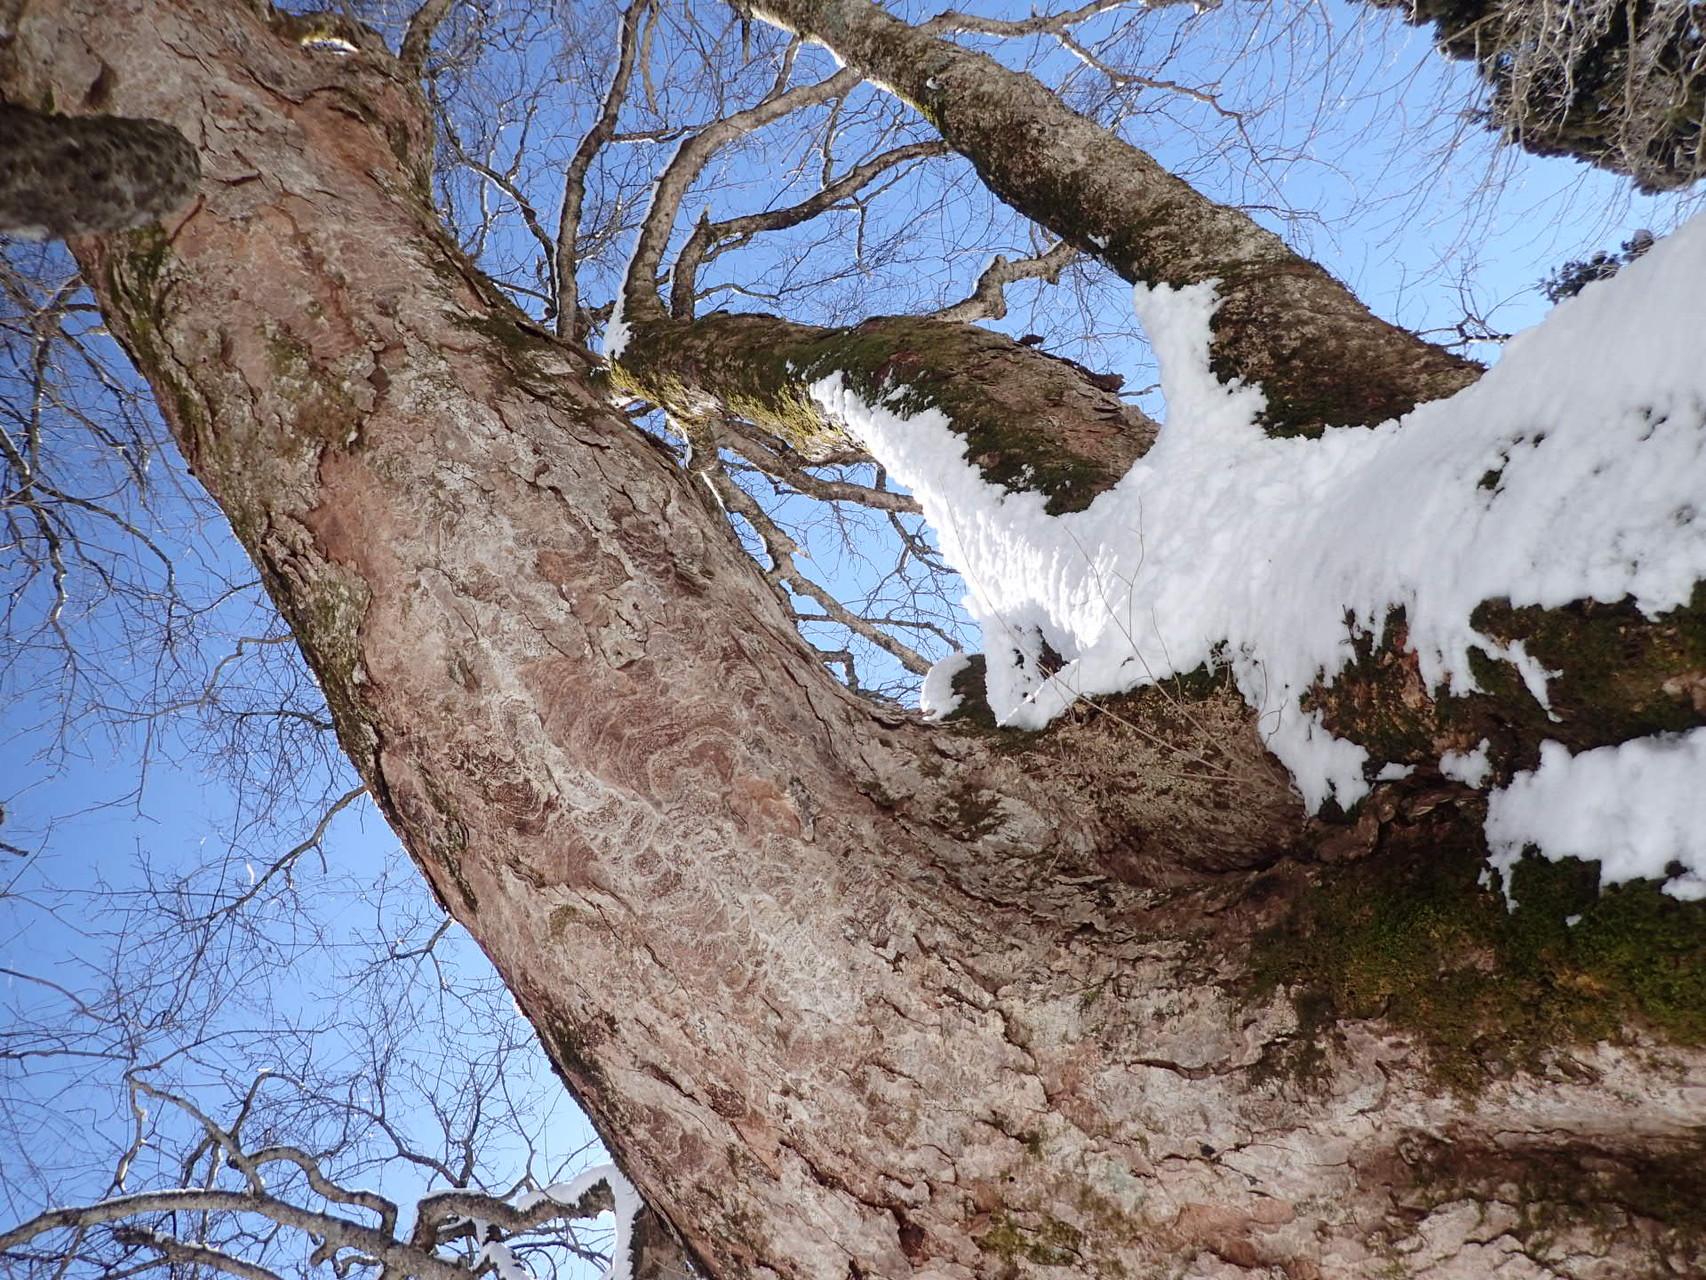 雪をかぶった栃の木は、まるで絵のようです